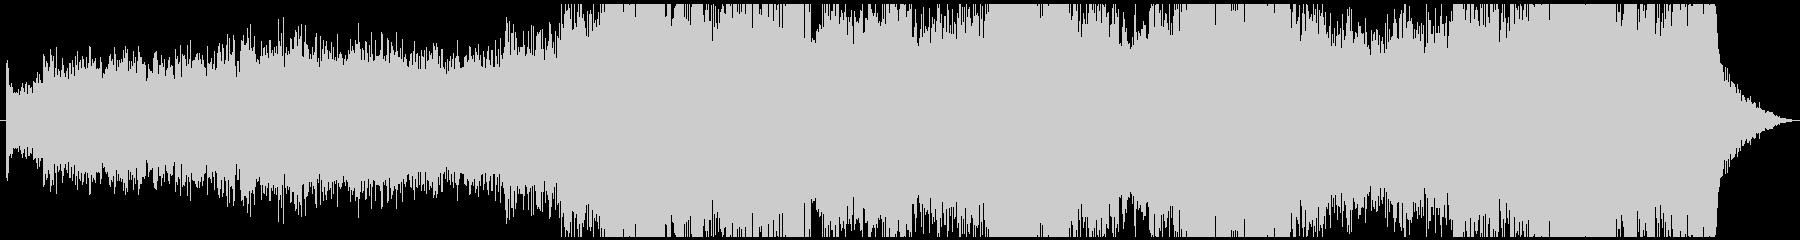 弦楽器のノイズが入ったホラーアンビエントの未再生の波形